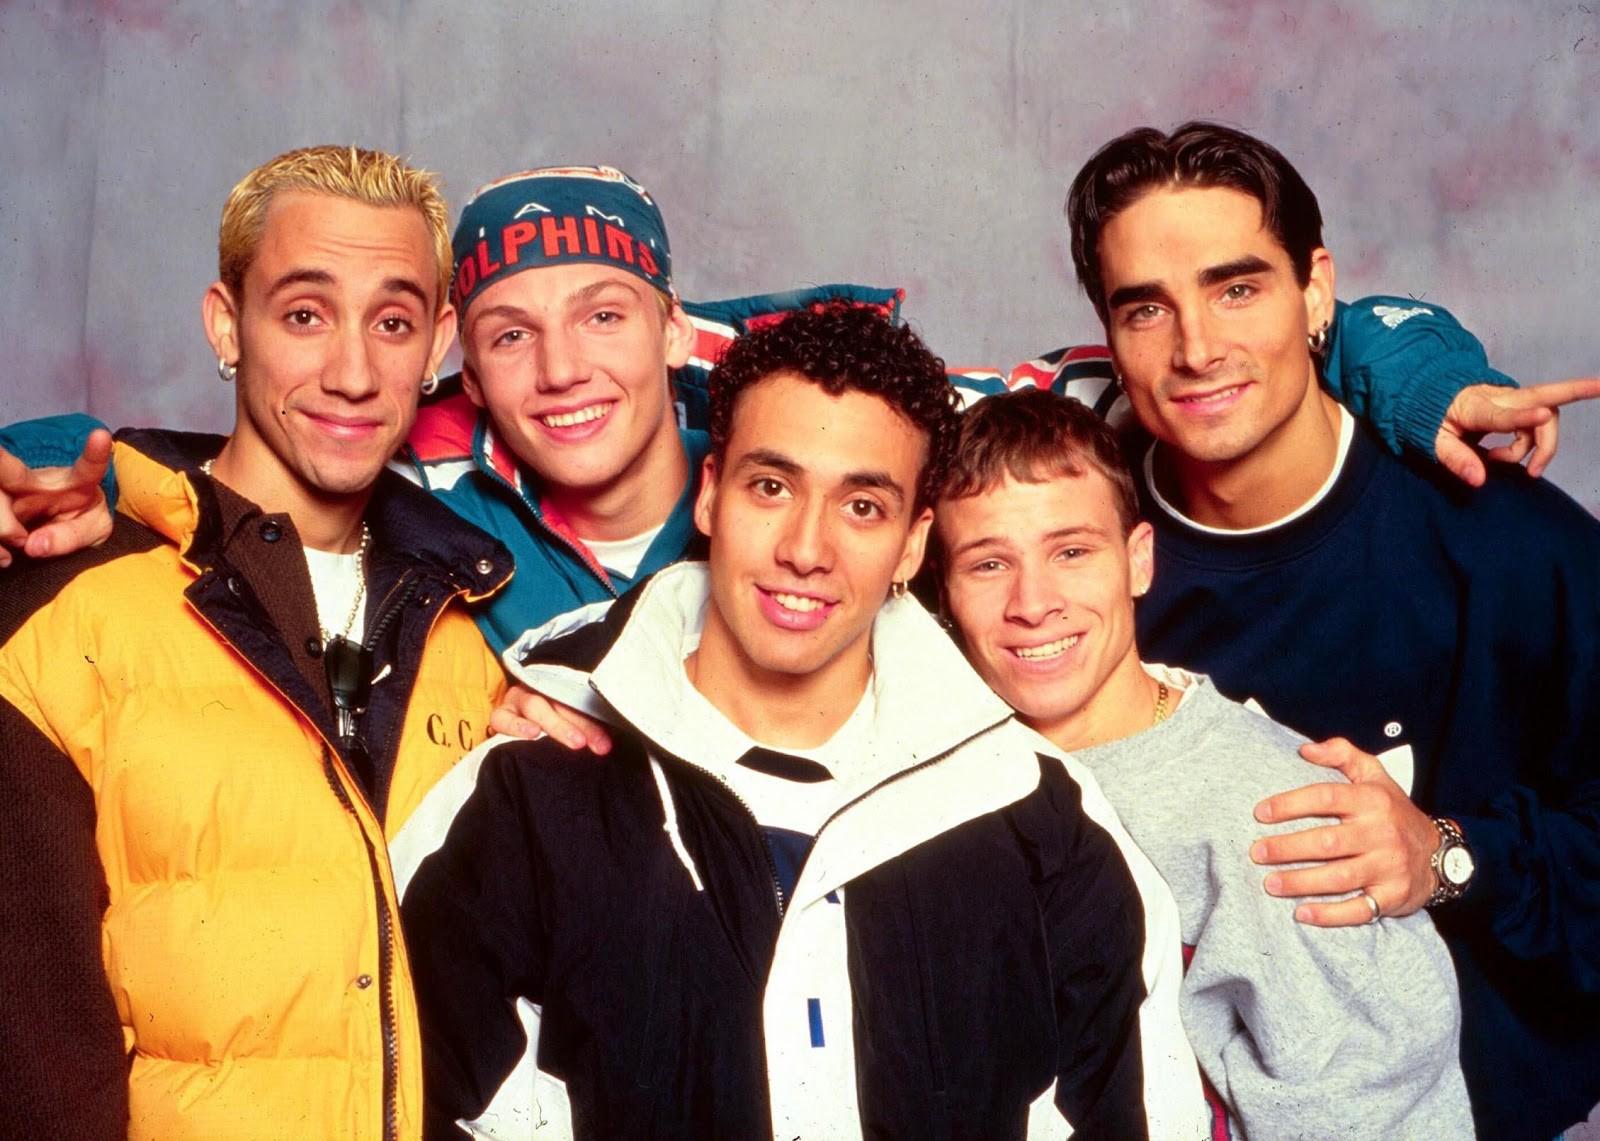 Backstreet Boys sau hơn 2 thập kỷ: Người trượt dài trong vũng bùn ma túy, kẻ vướng cáo buộc xâm hại tình dục vì sai lầm tuổi trẻ - Ảnh 1.